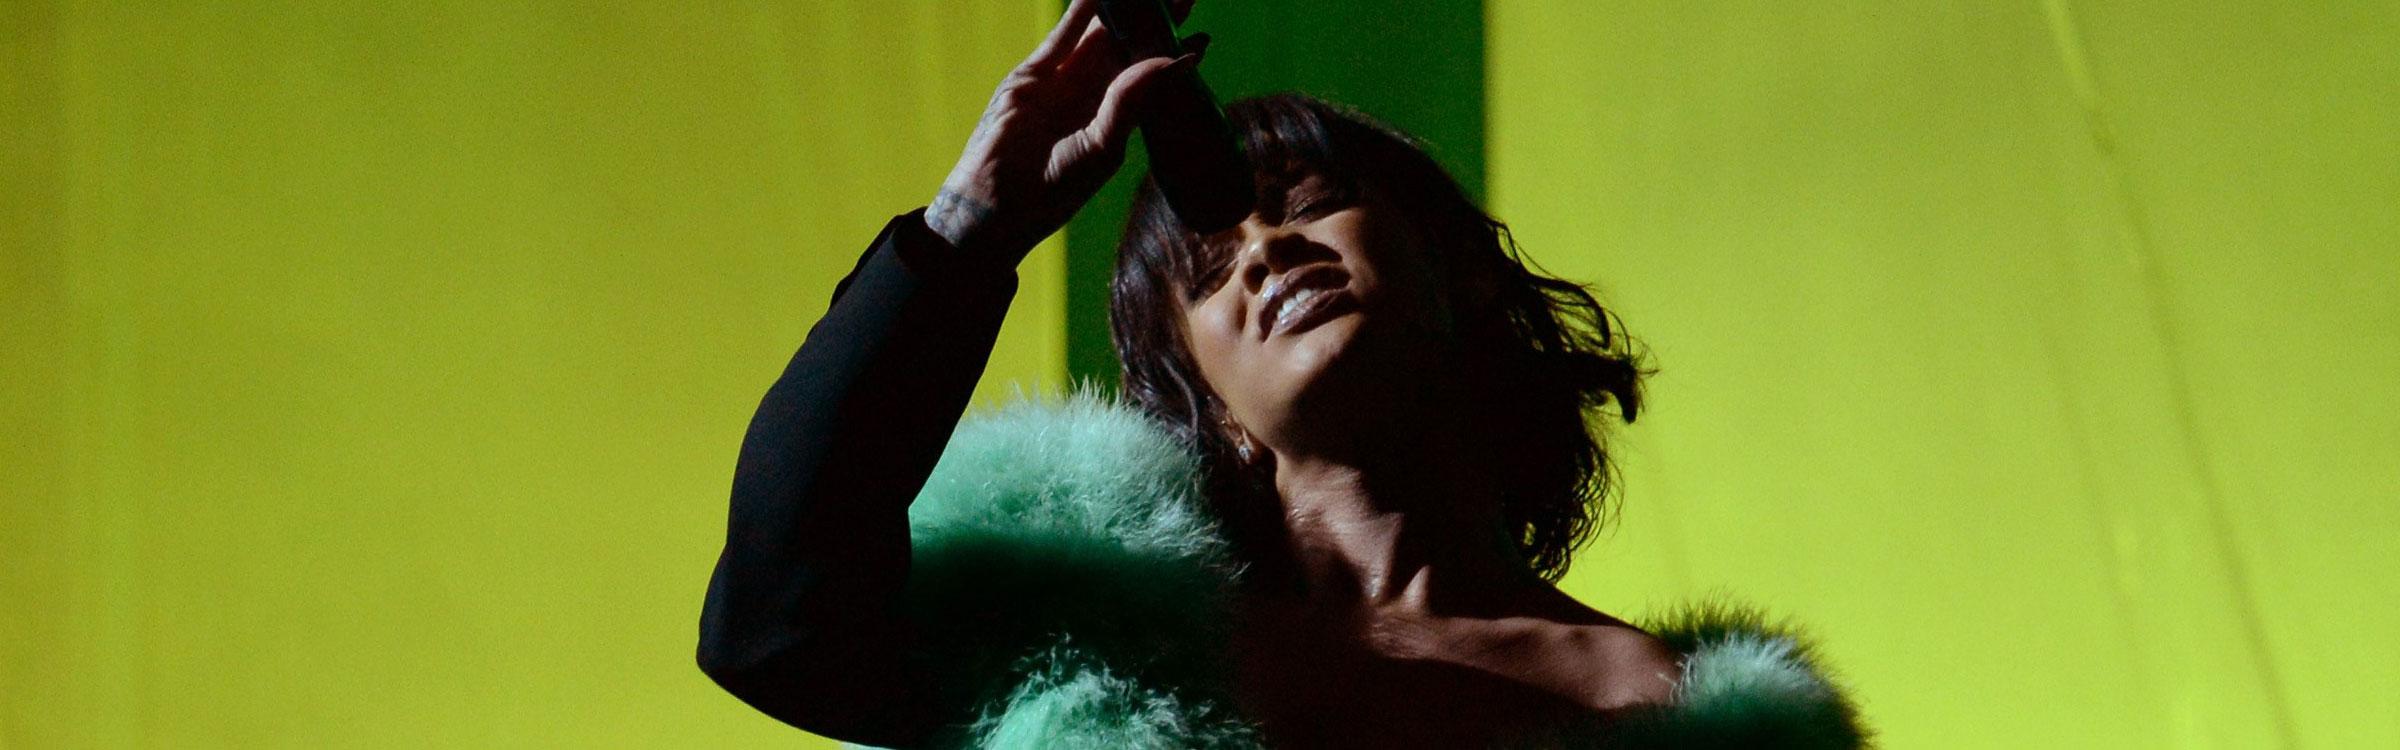 Rihanna header1